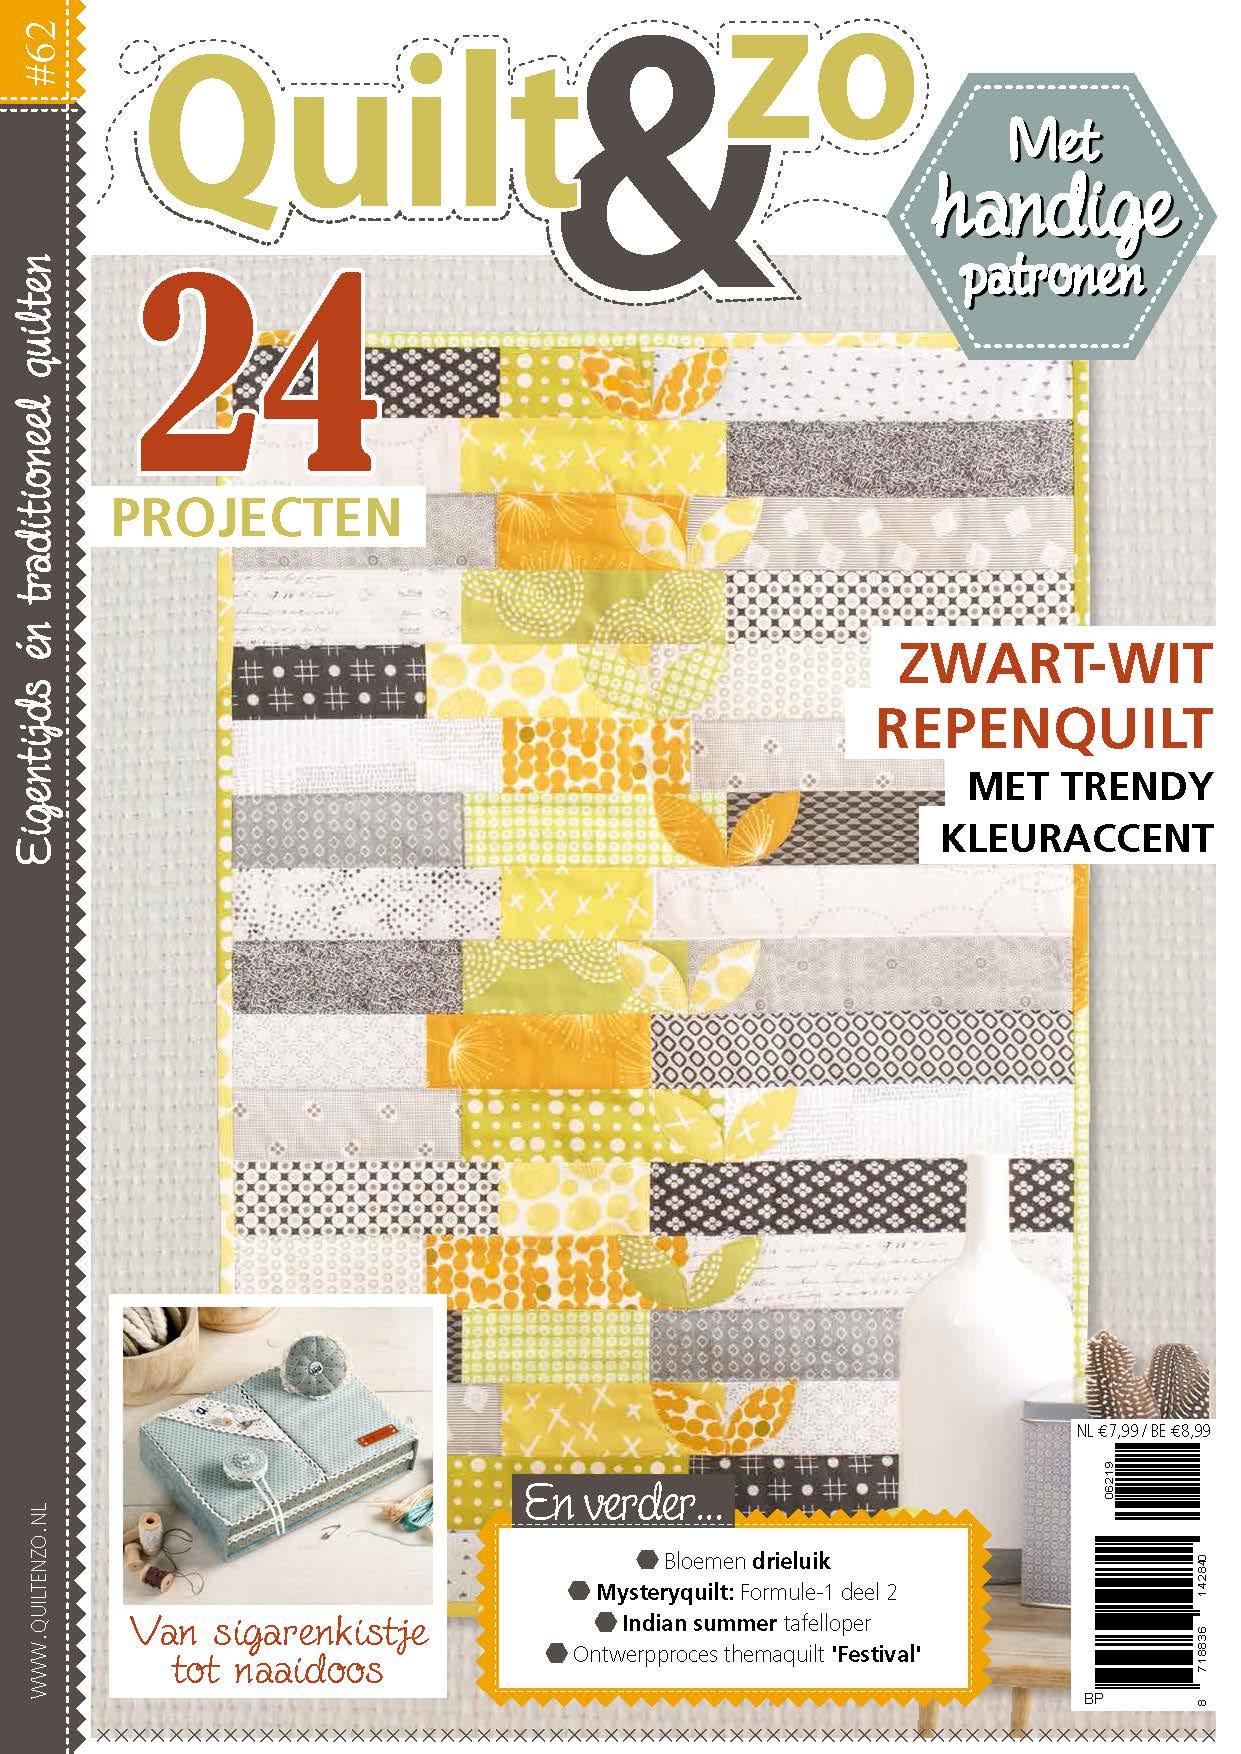 Quilt & Zo, quilten, quiltprojecten, hobbywebshop, quilttechnieken